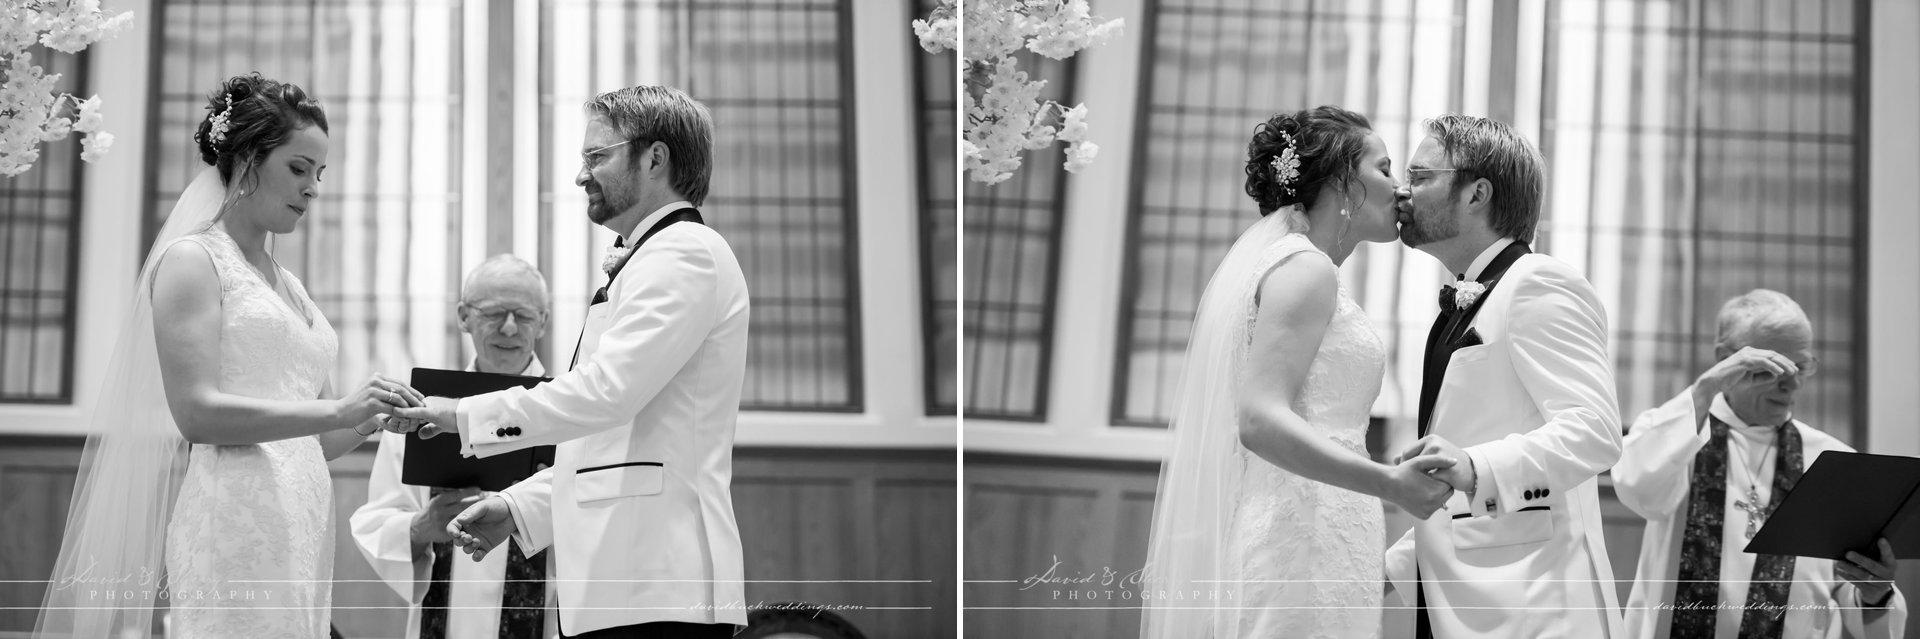 Craigleith_Ski_Club_Wedding_014